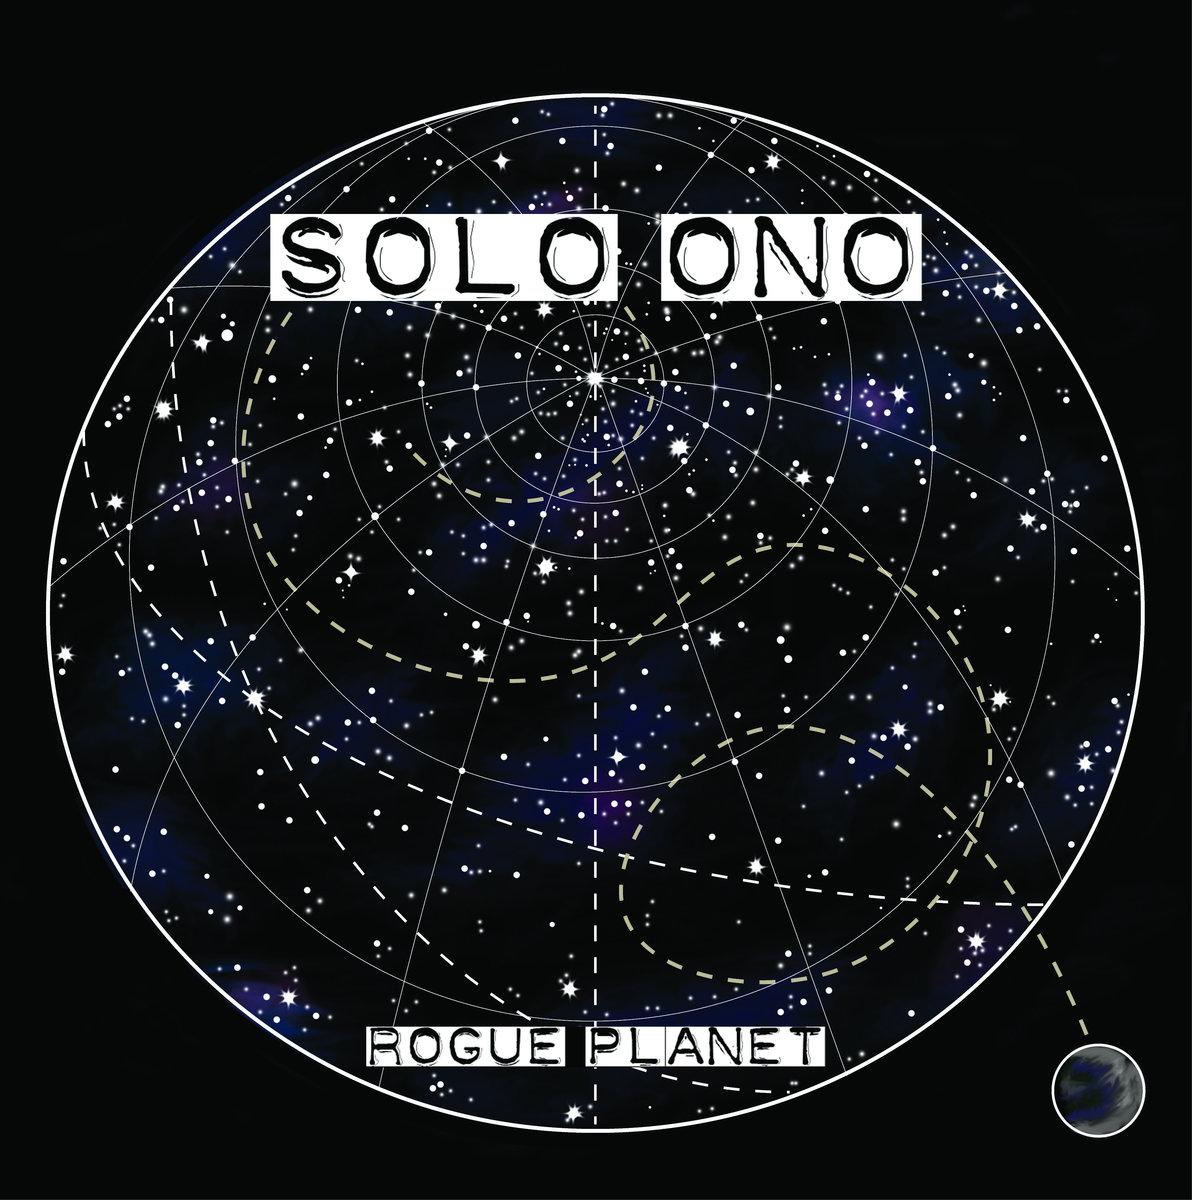 Solo Ono